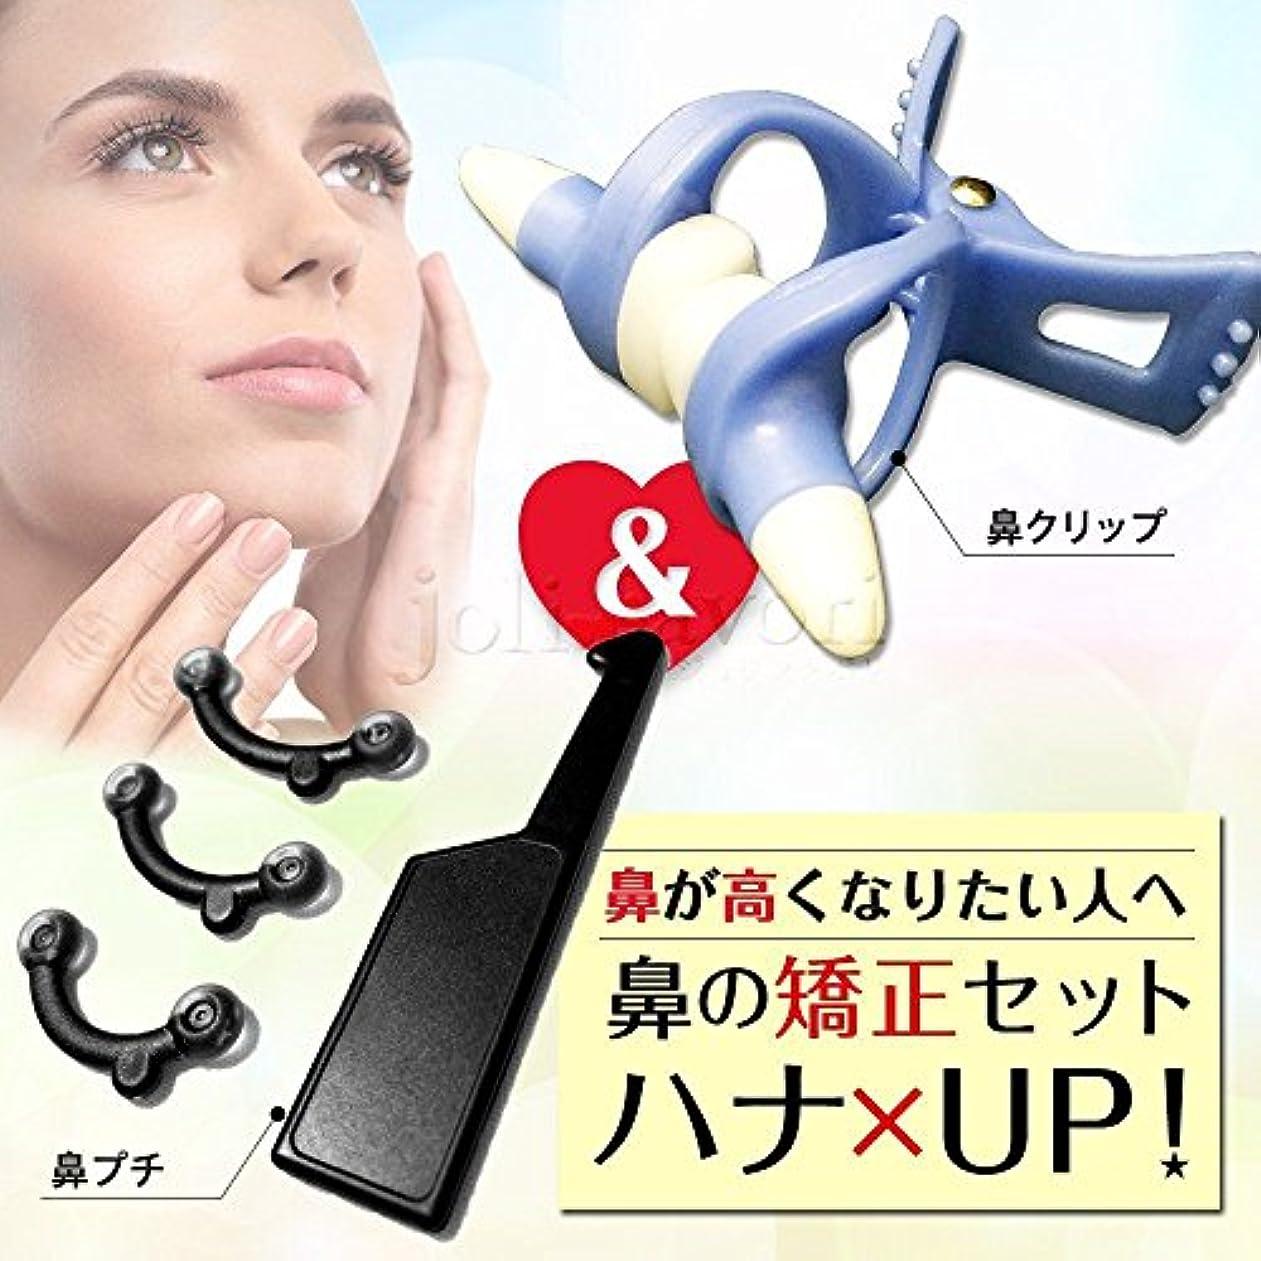 ブローホールゆるくピル【jolifavori】鼻プチ&ノーズアップ 着けるだけ簡単!鼻メイク矯正セット